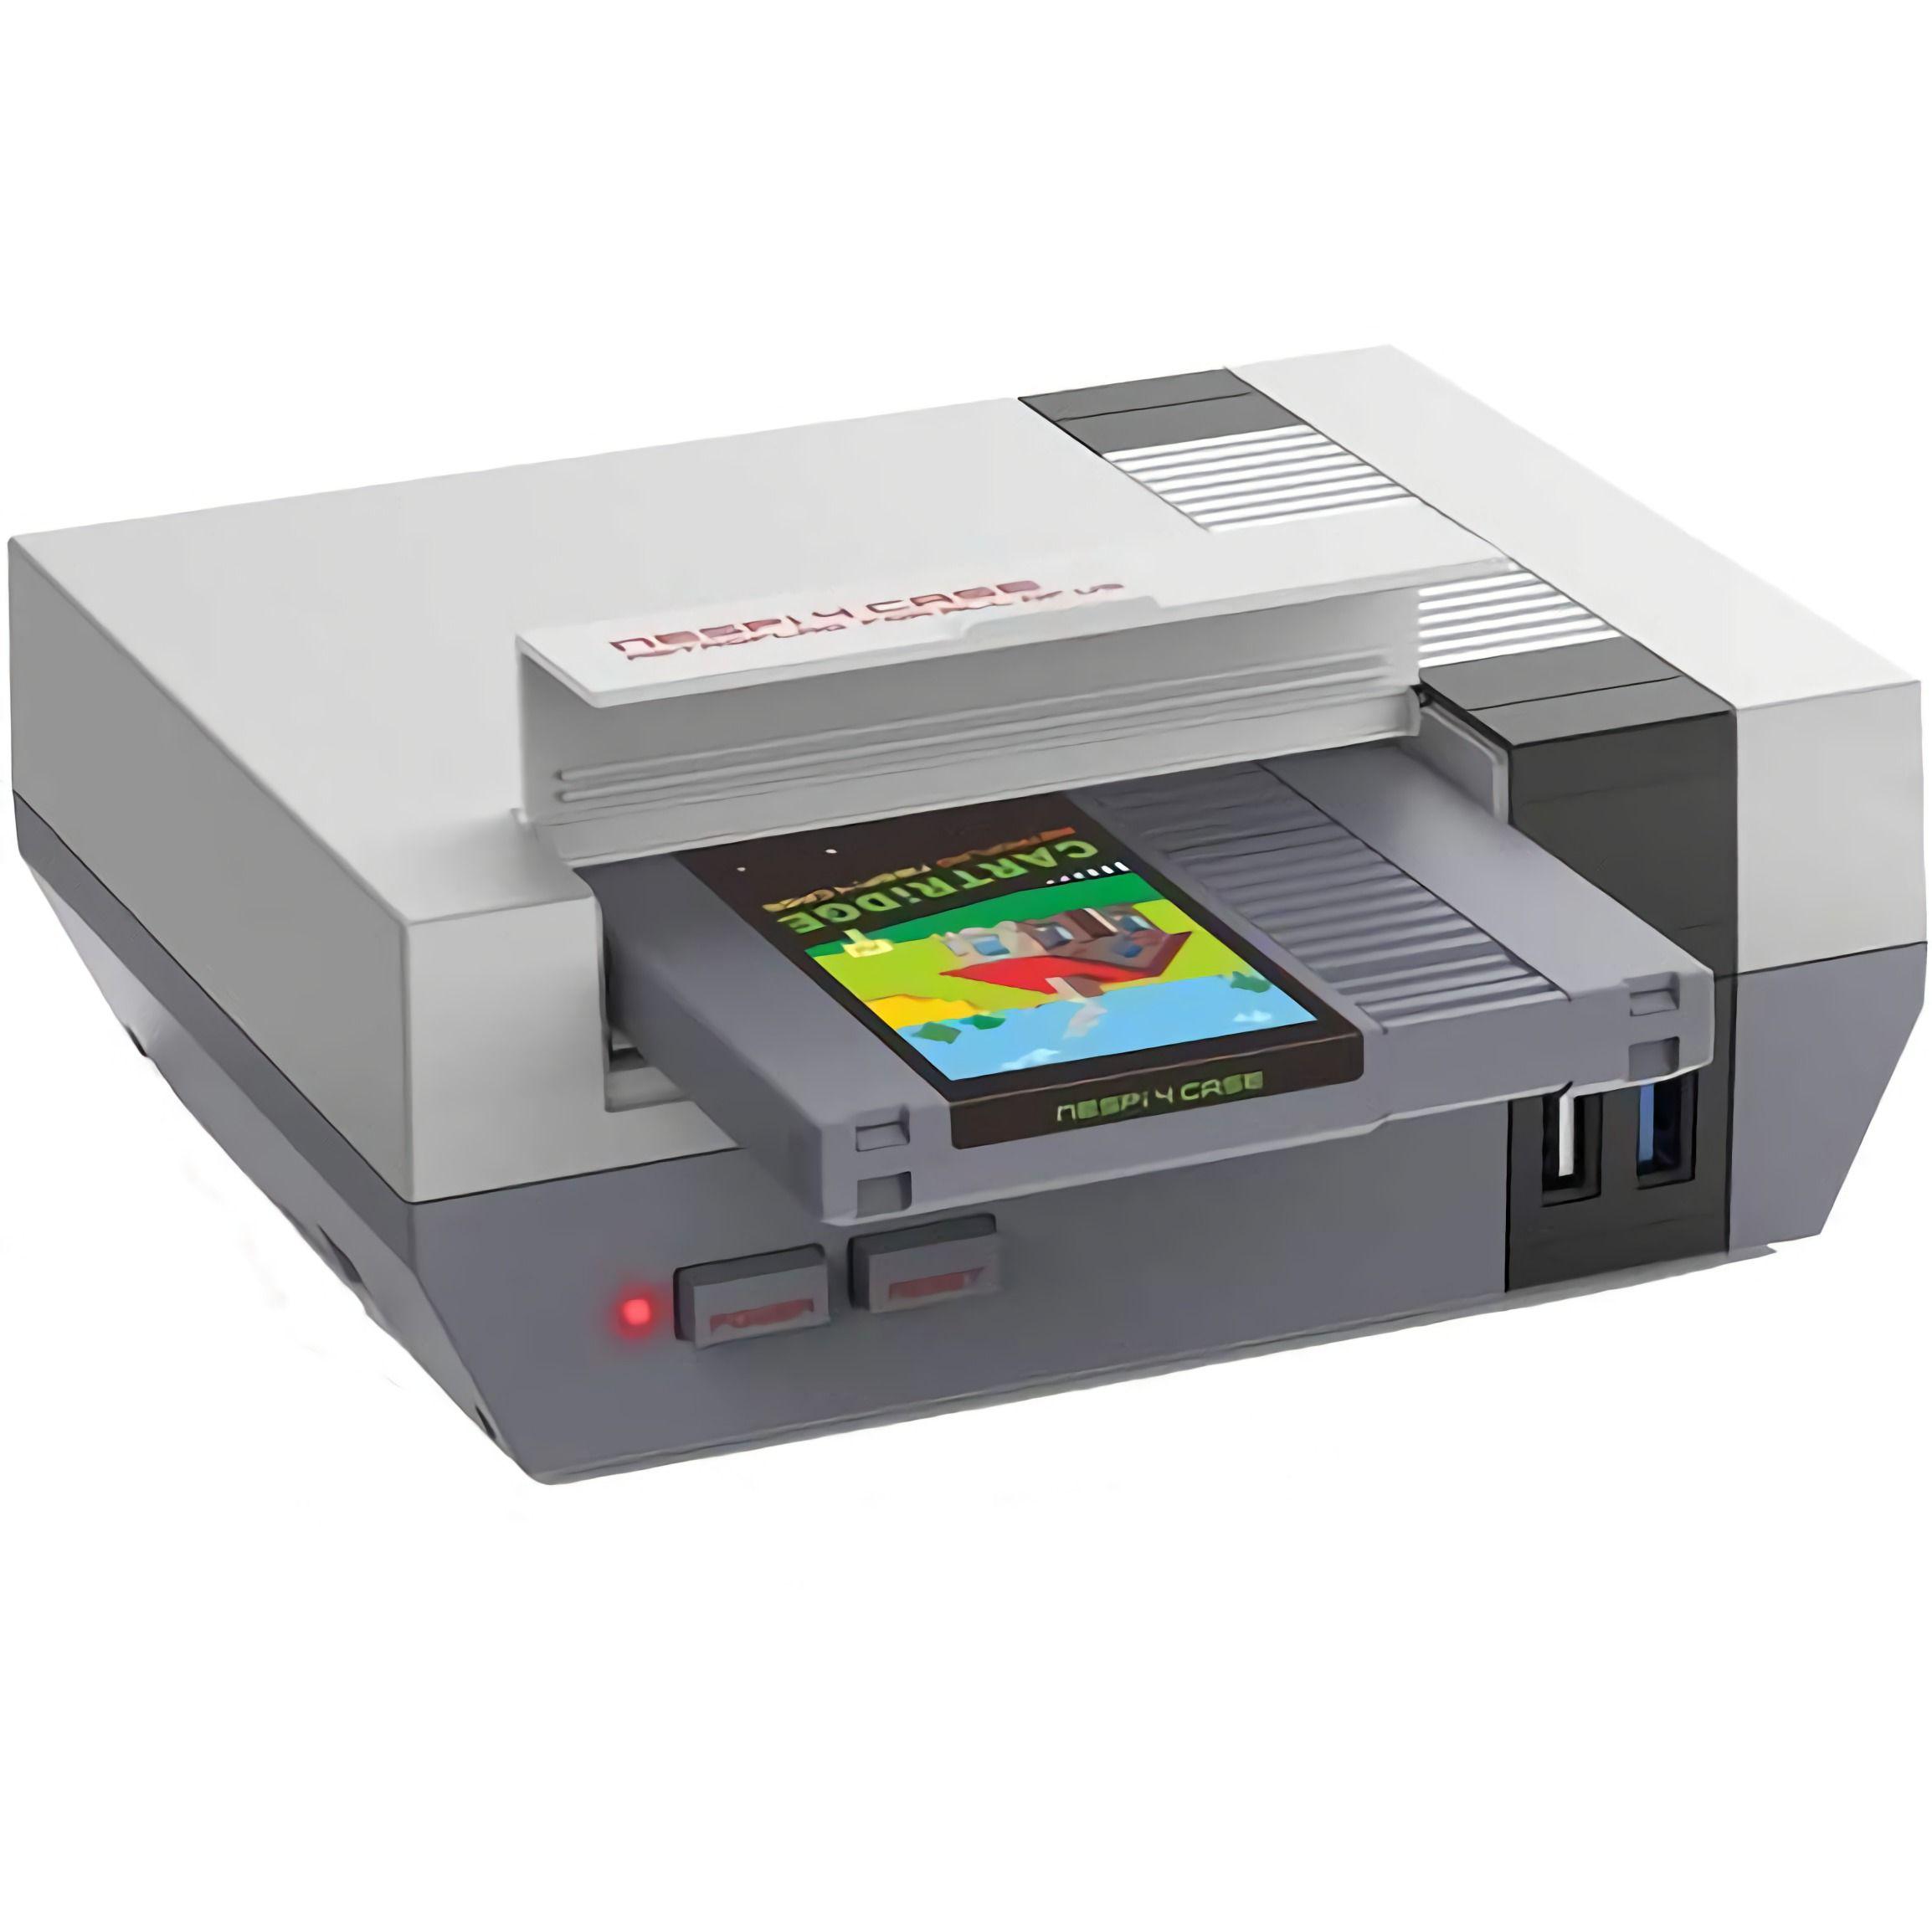 Retroflag NESPi 4: Case für Raspberry Pi 4 mit SSD Slot - Versand aus EU (NES Design, 2.5 Zoll SSD, EU Netzteil, Kühlerlüfter)